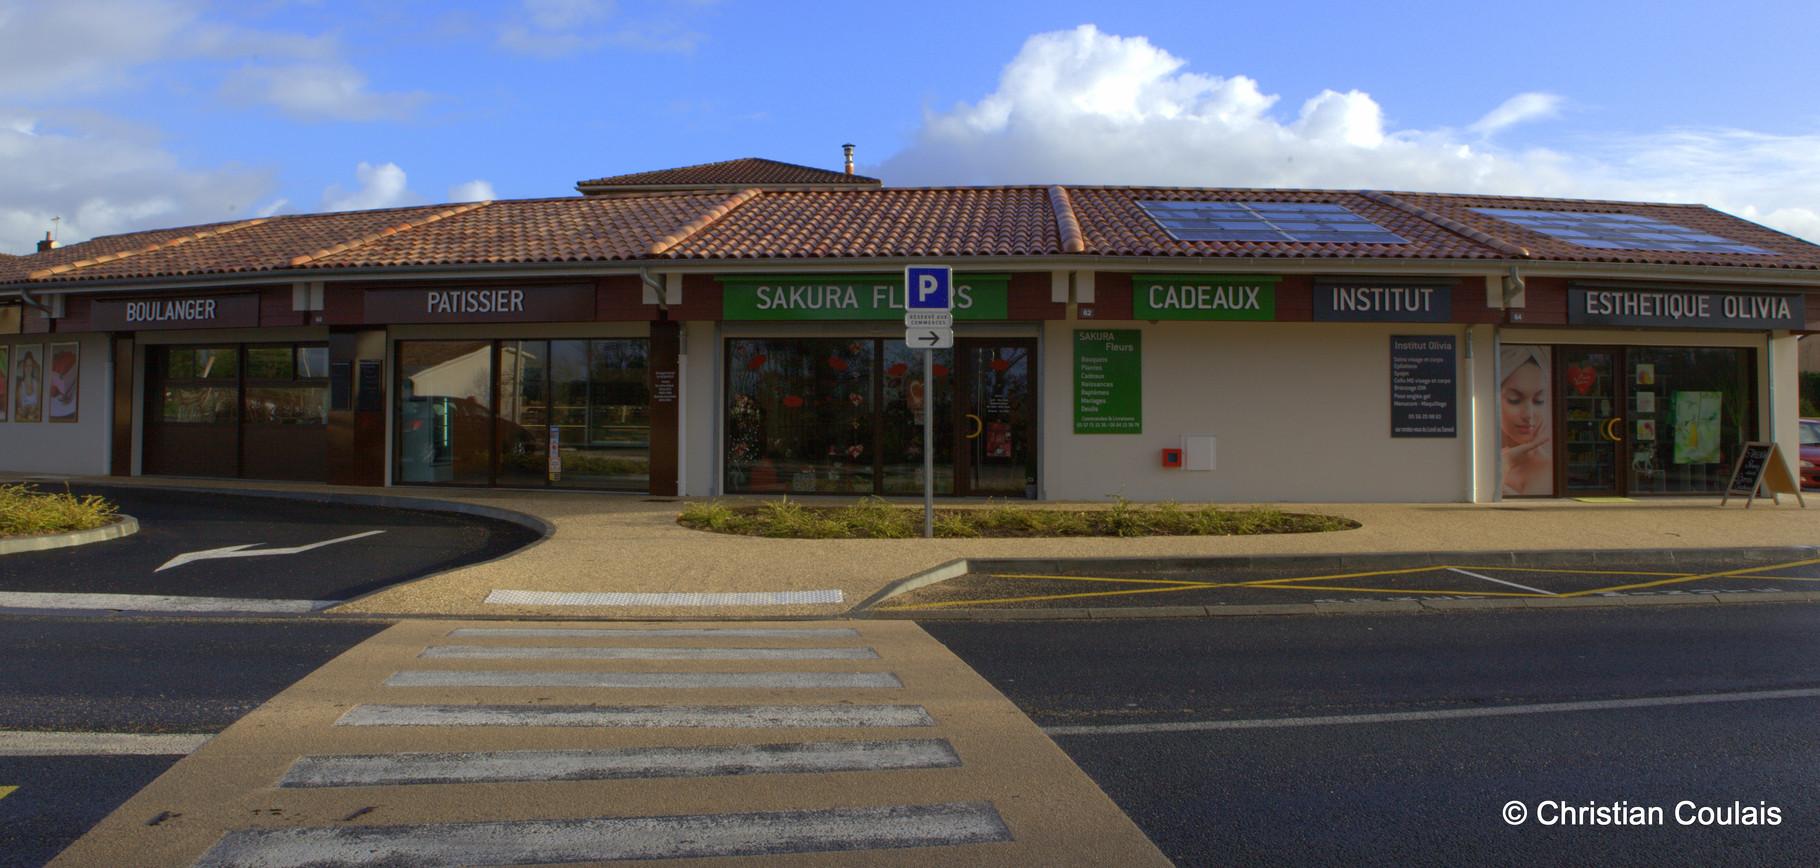 Locaux commerciaux municipaux et leurs panneaux solaires, Cénac, Gironde